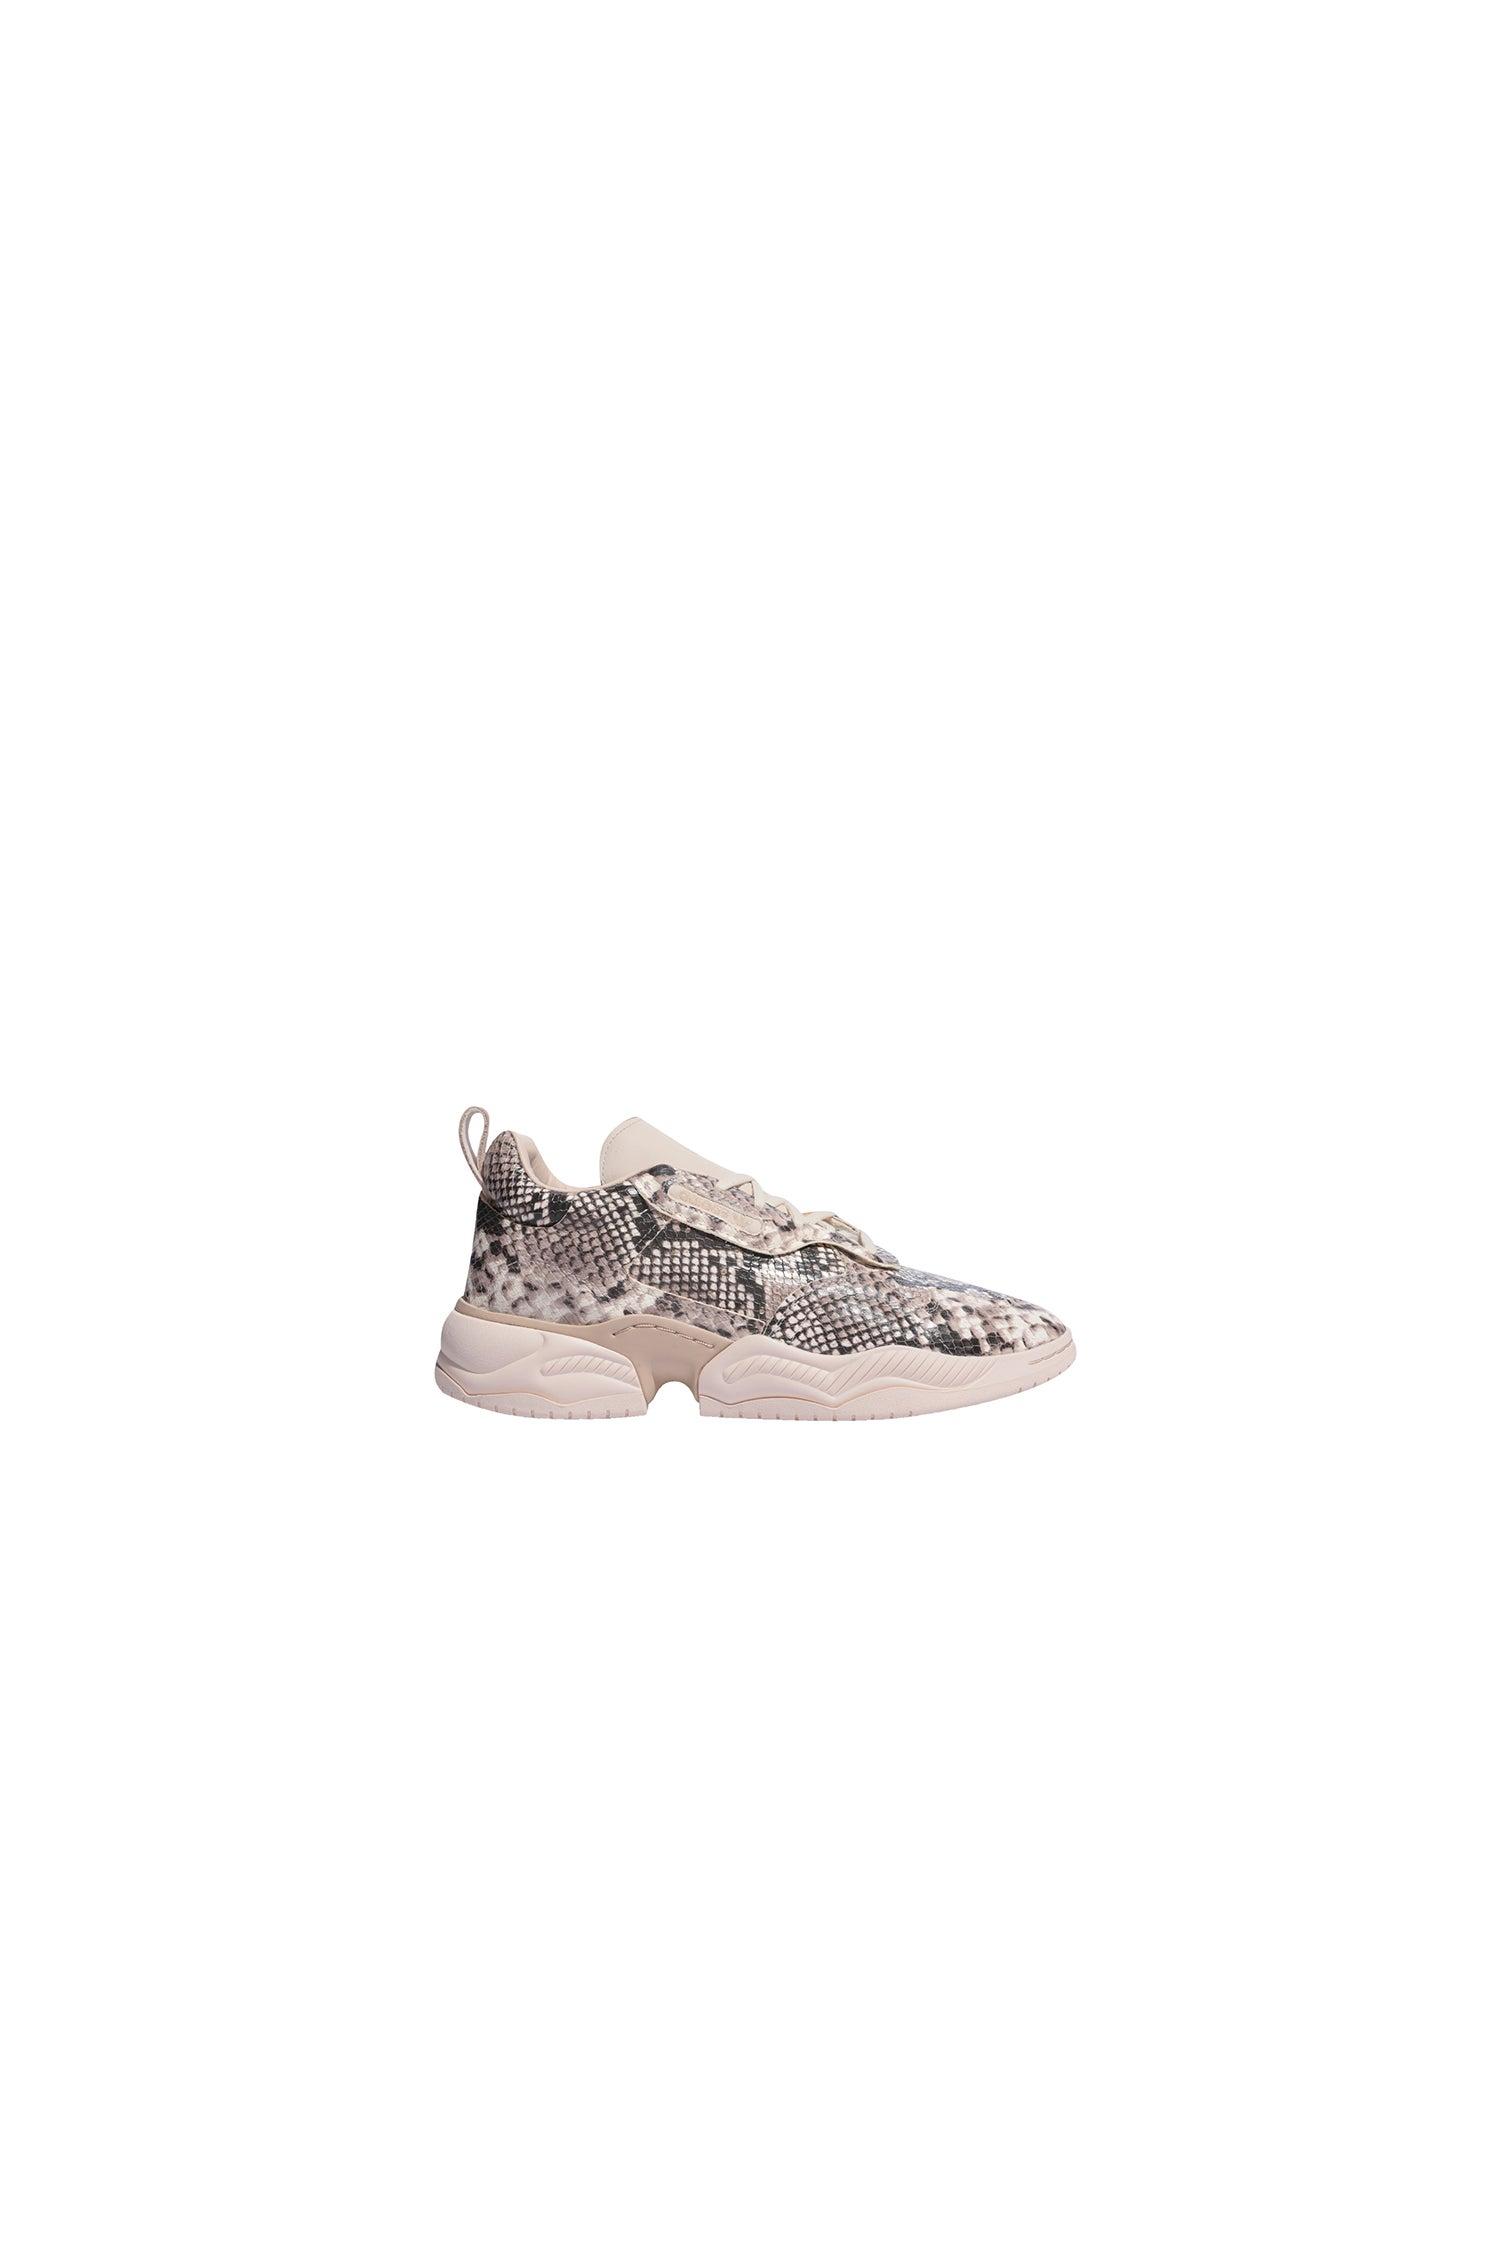 adidas Supercourt RX Shoes Core Black/Linen/Pale Nude